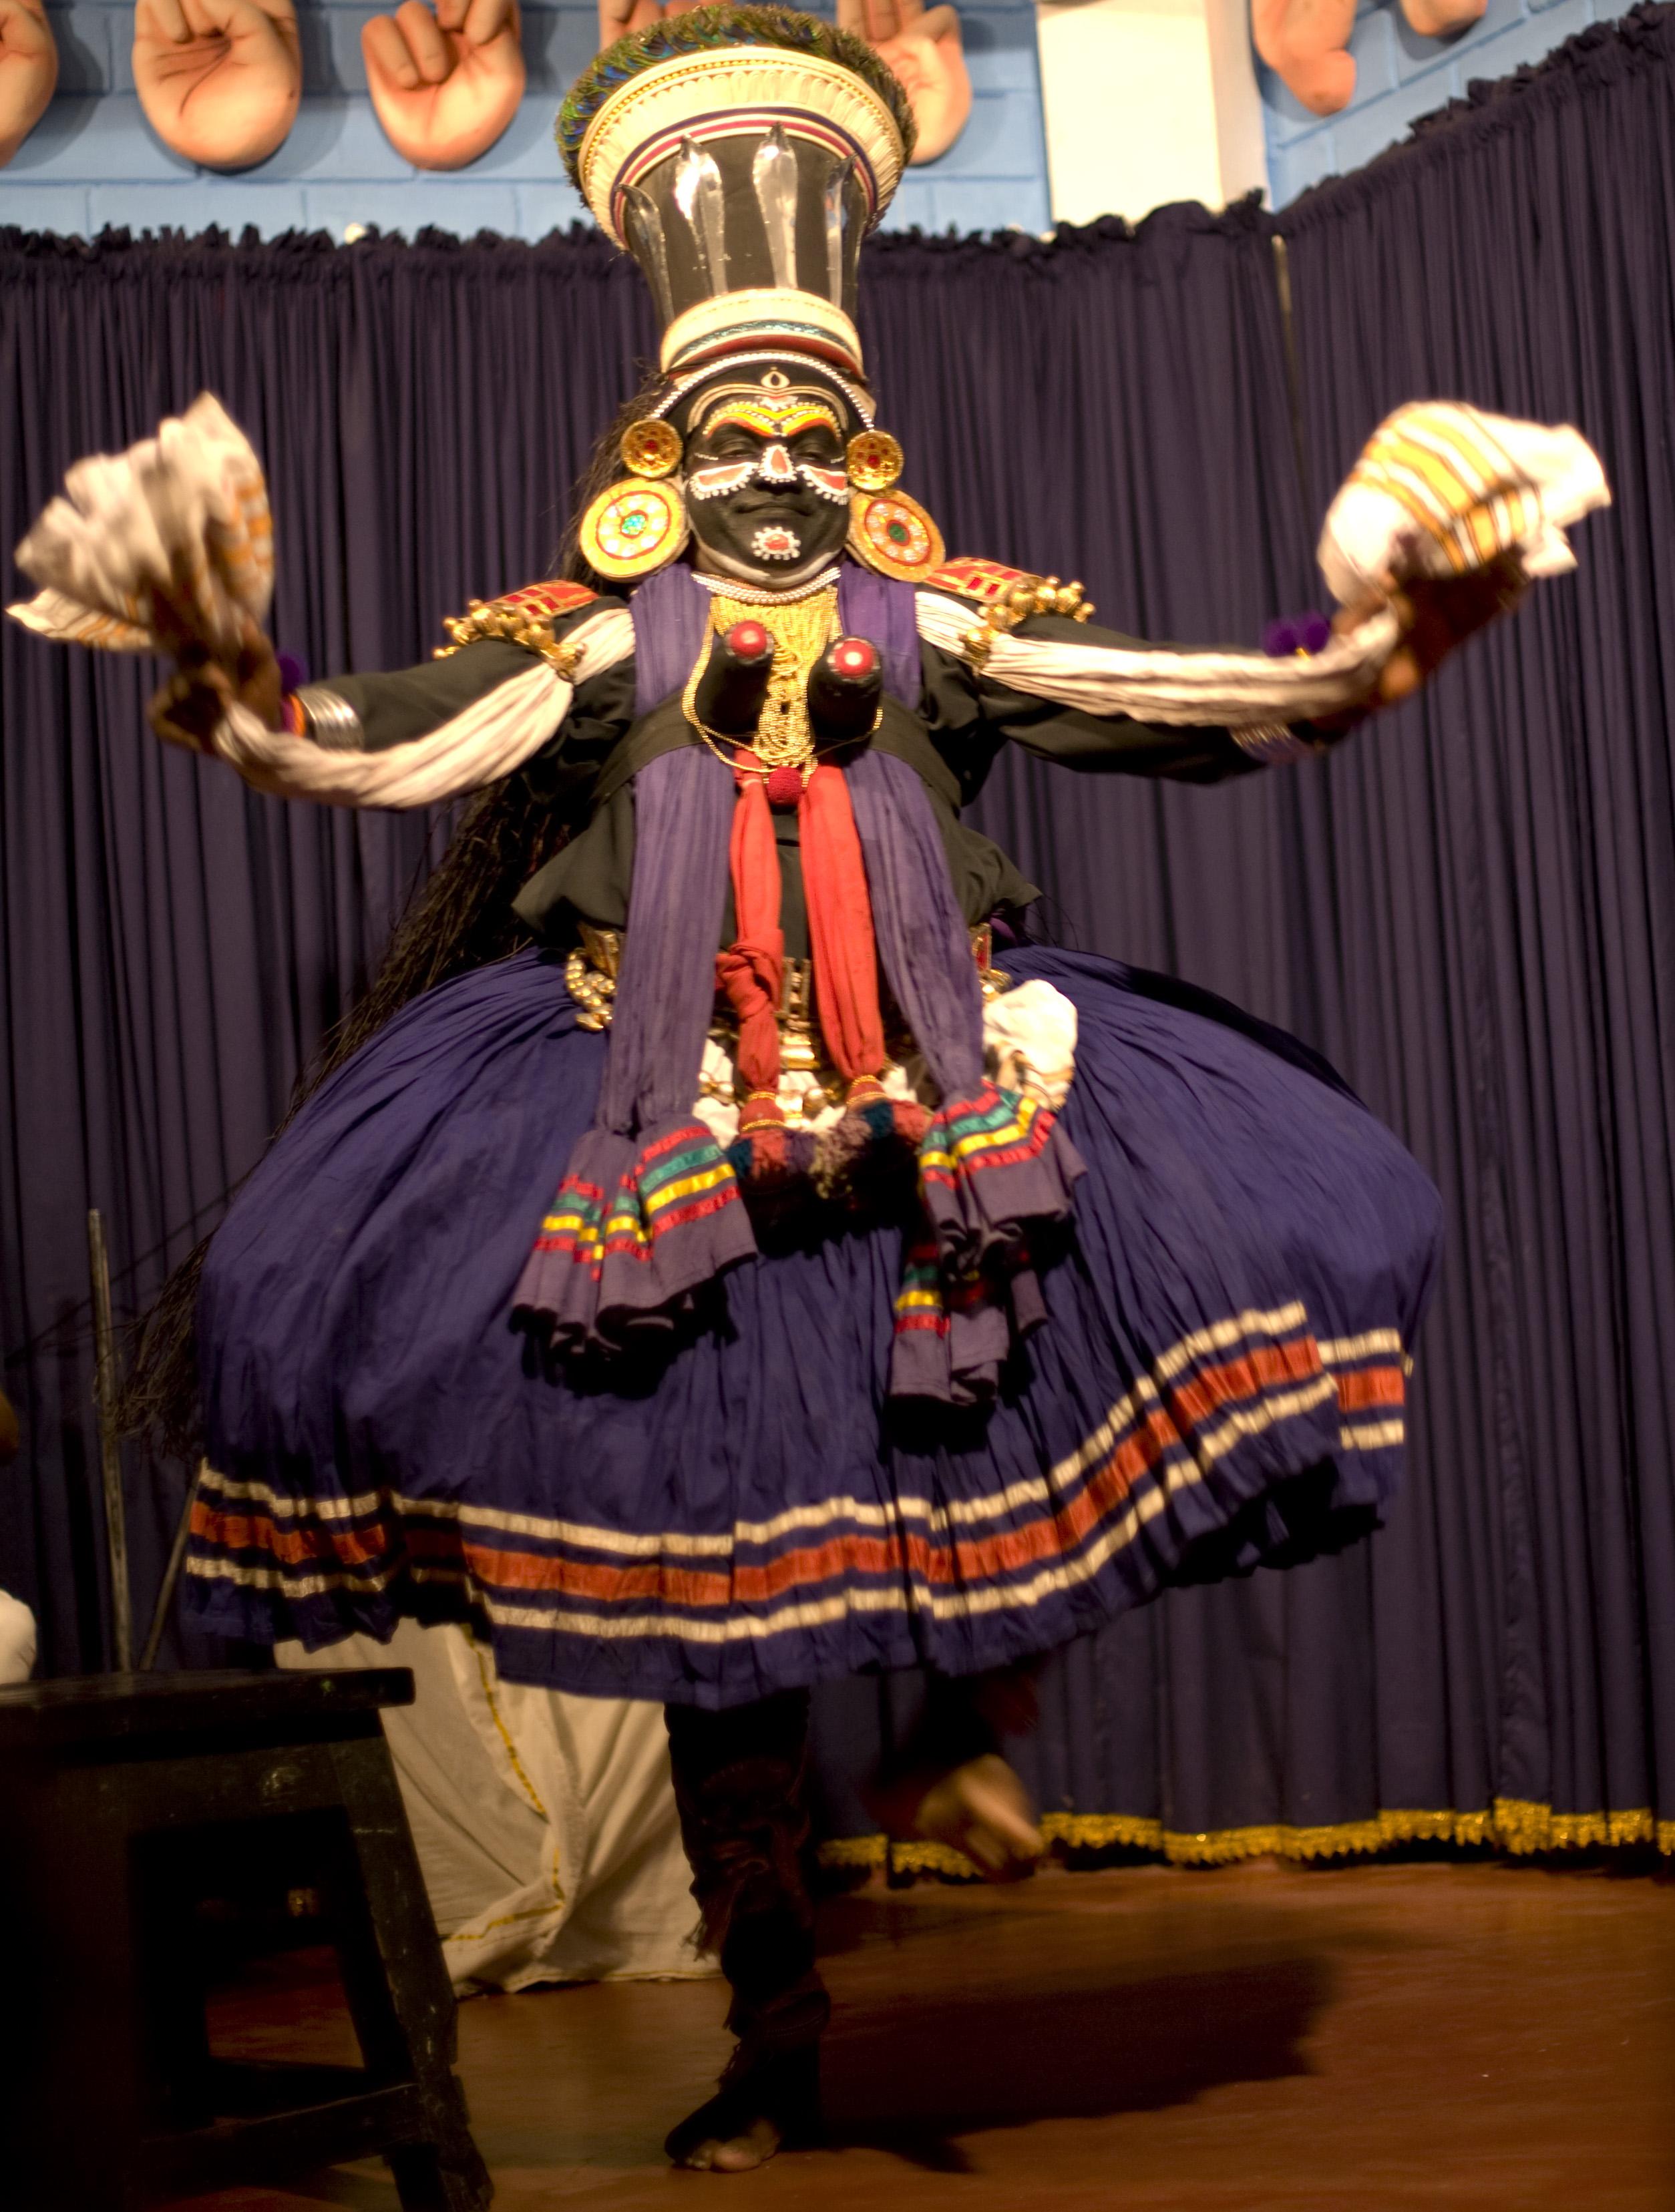 File:Kathakali dancer jpg - Wikimedia Commons